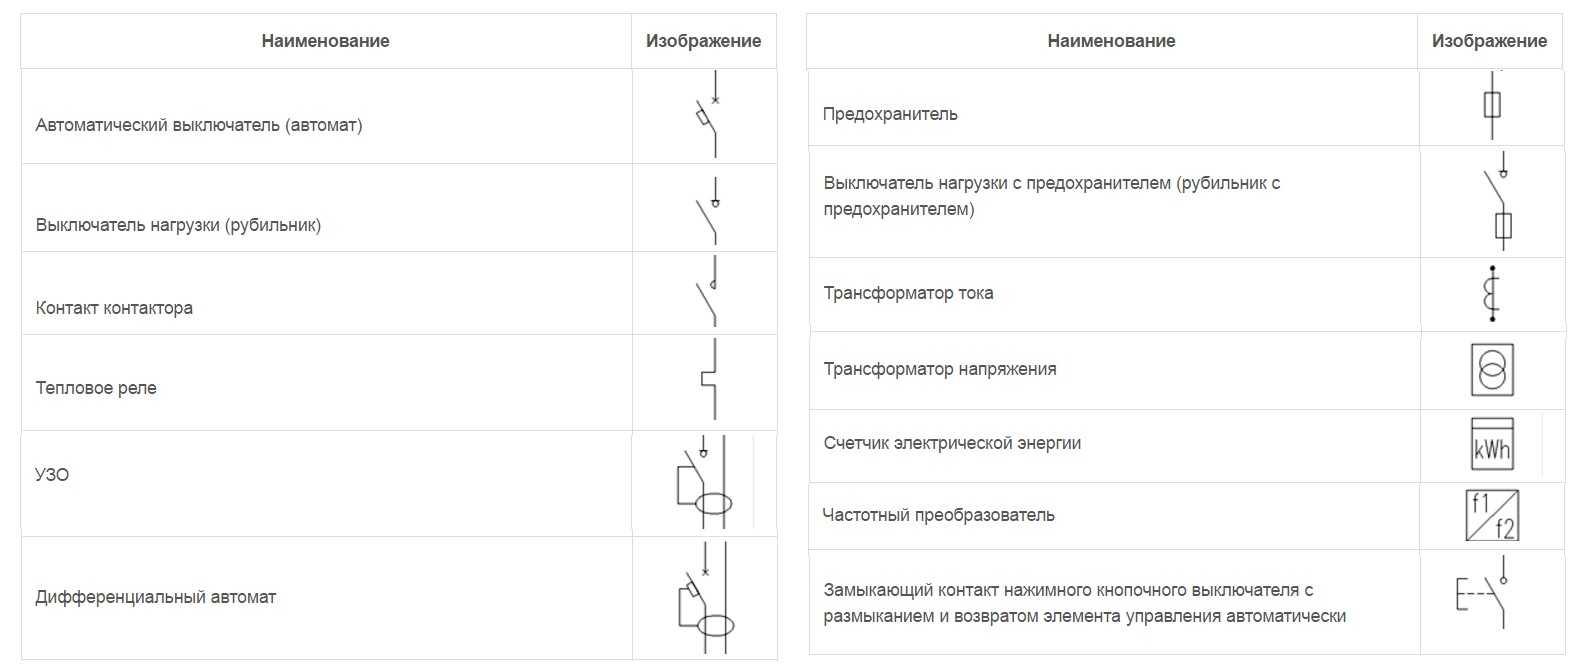 Обозначения элементов на однолинейной схеме